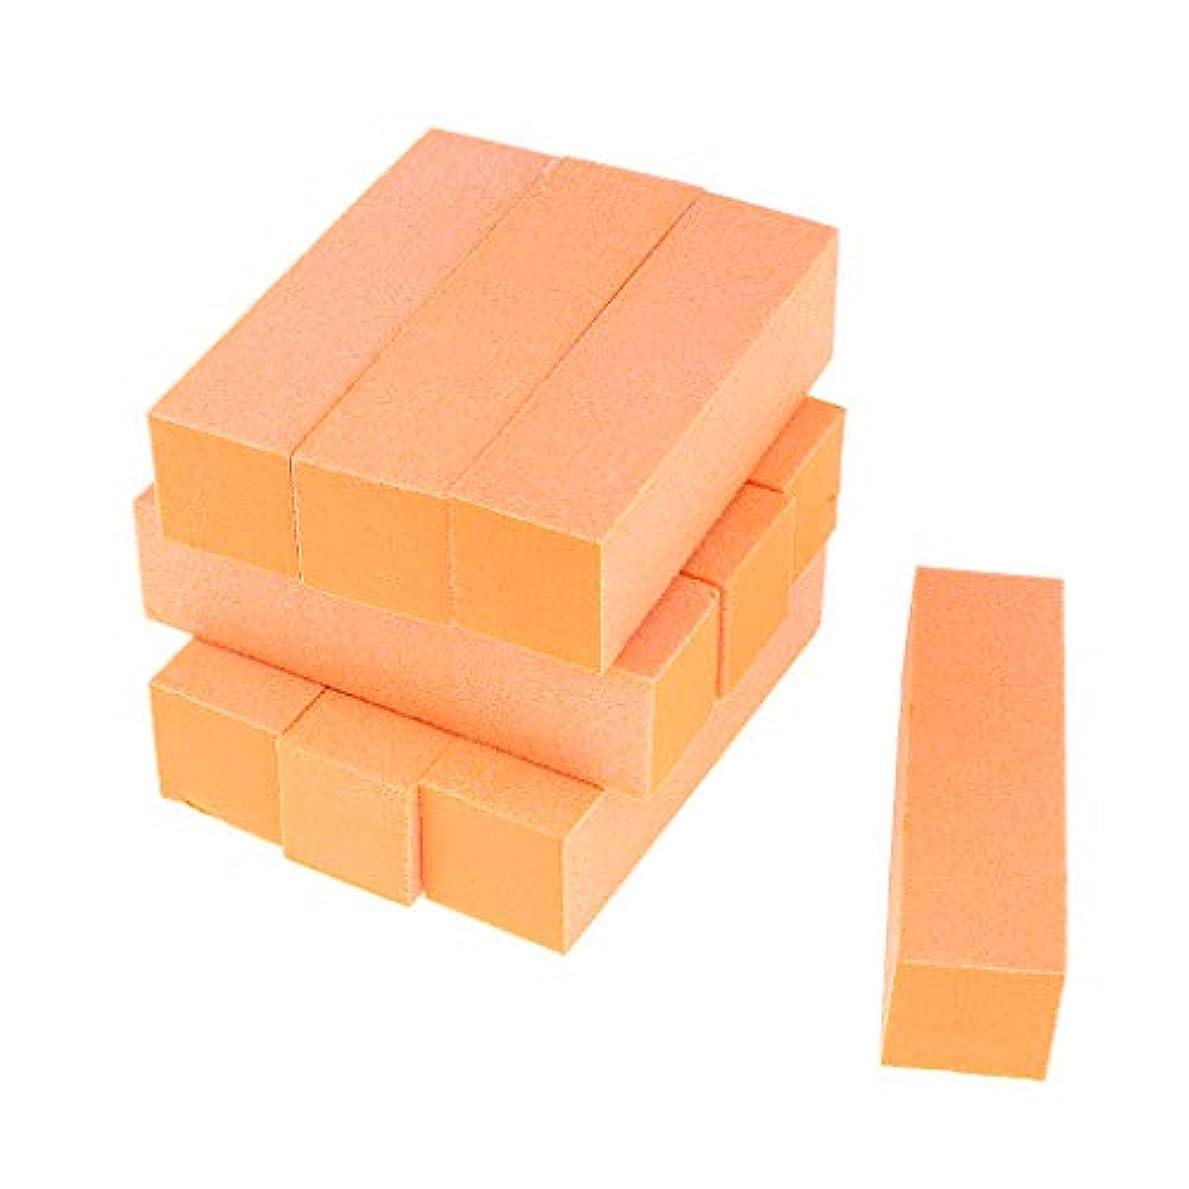 牽引クリーナートラフィックToygogo 両面ネイルバッファーネイルシャイナースポンジネイルファイルサンディングブロック-ソフト&シルキー、10個-作成された滑らかで美しいネイル - オレンジ